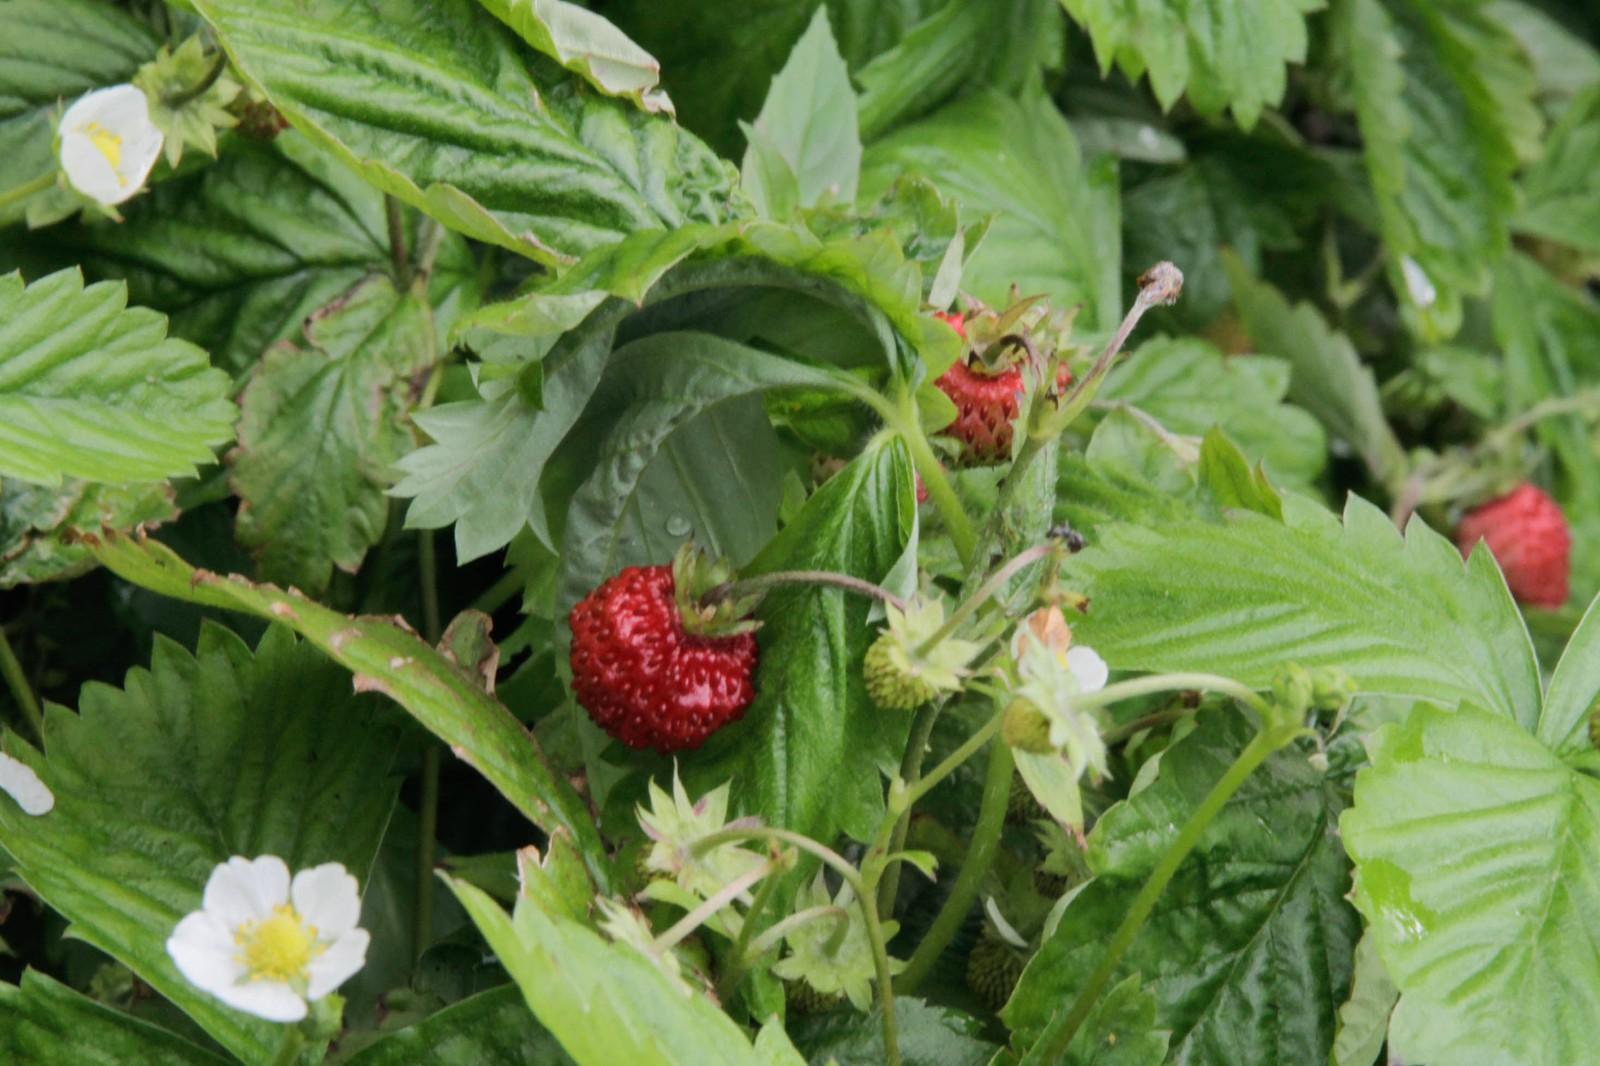 Eit lite markjordbær får representere frukta og grønsakene i hagen. Druerankene ber litt frukt, men dei grøne druene var for sure til å ete. - Det vart heller ein skvett vin, fortel Kjartan Godø.